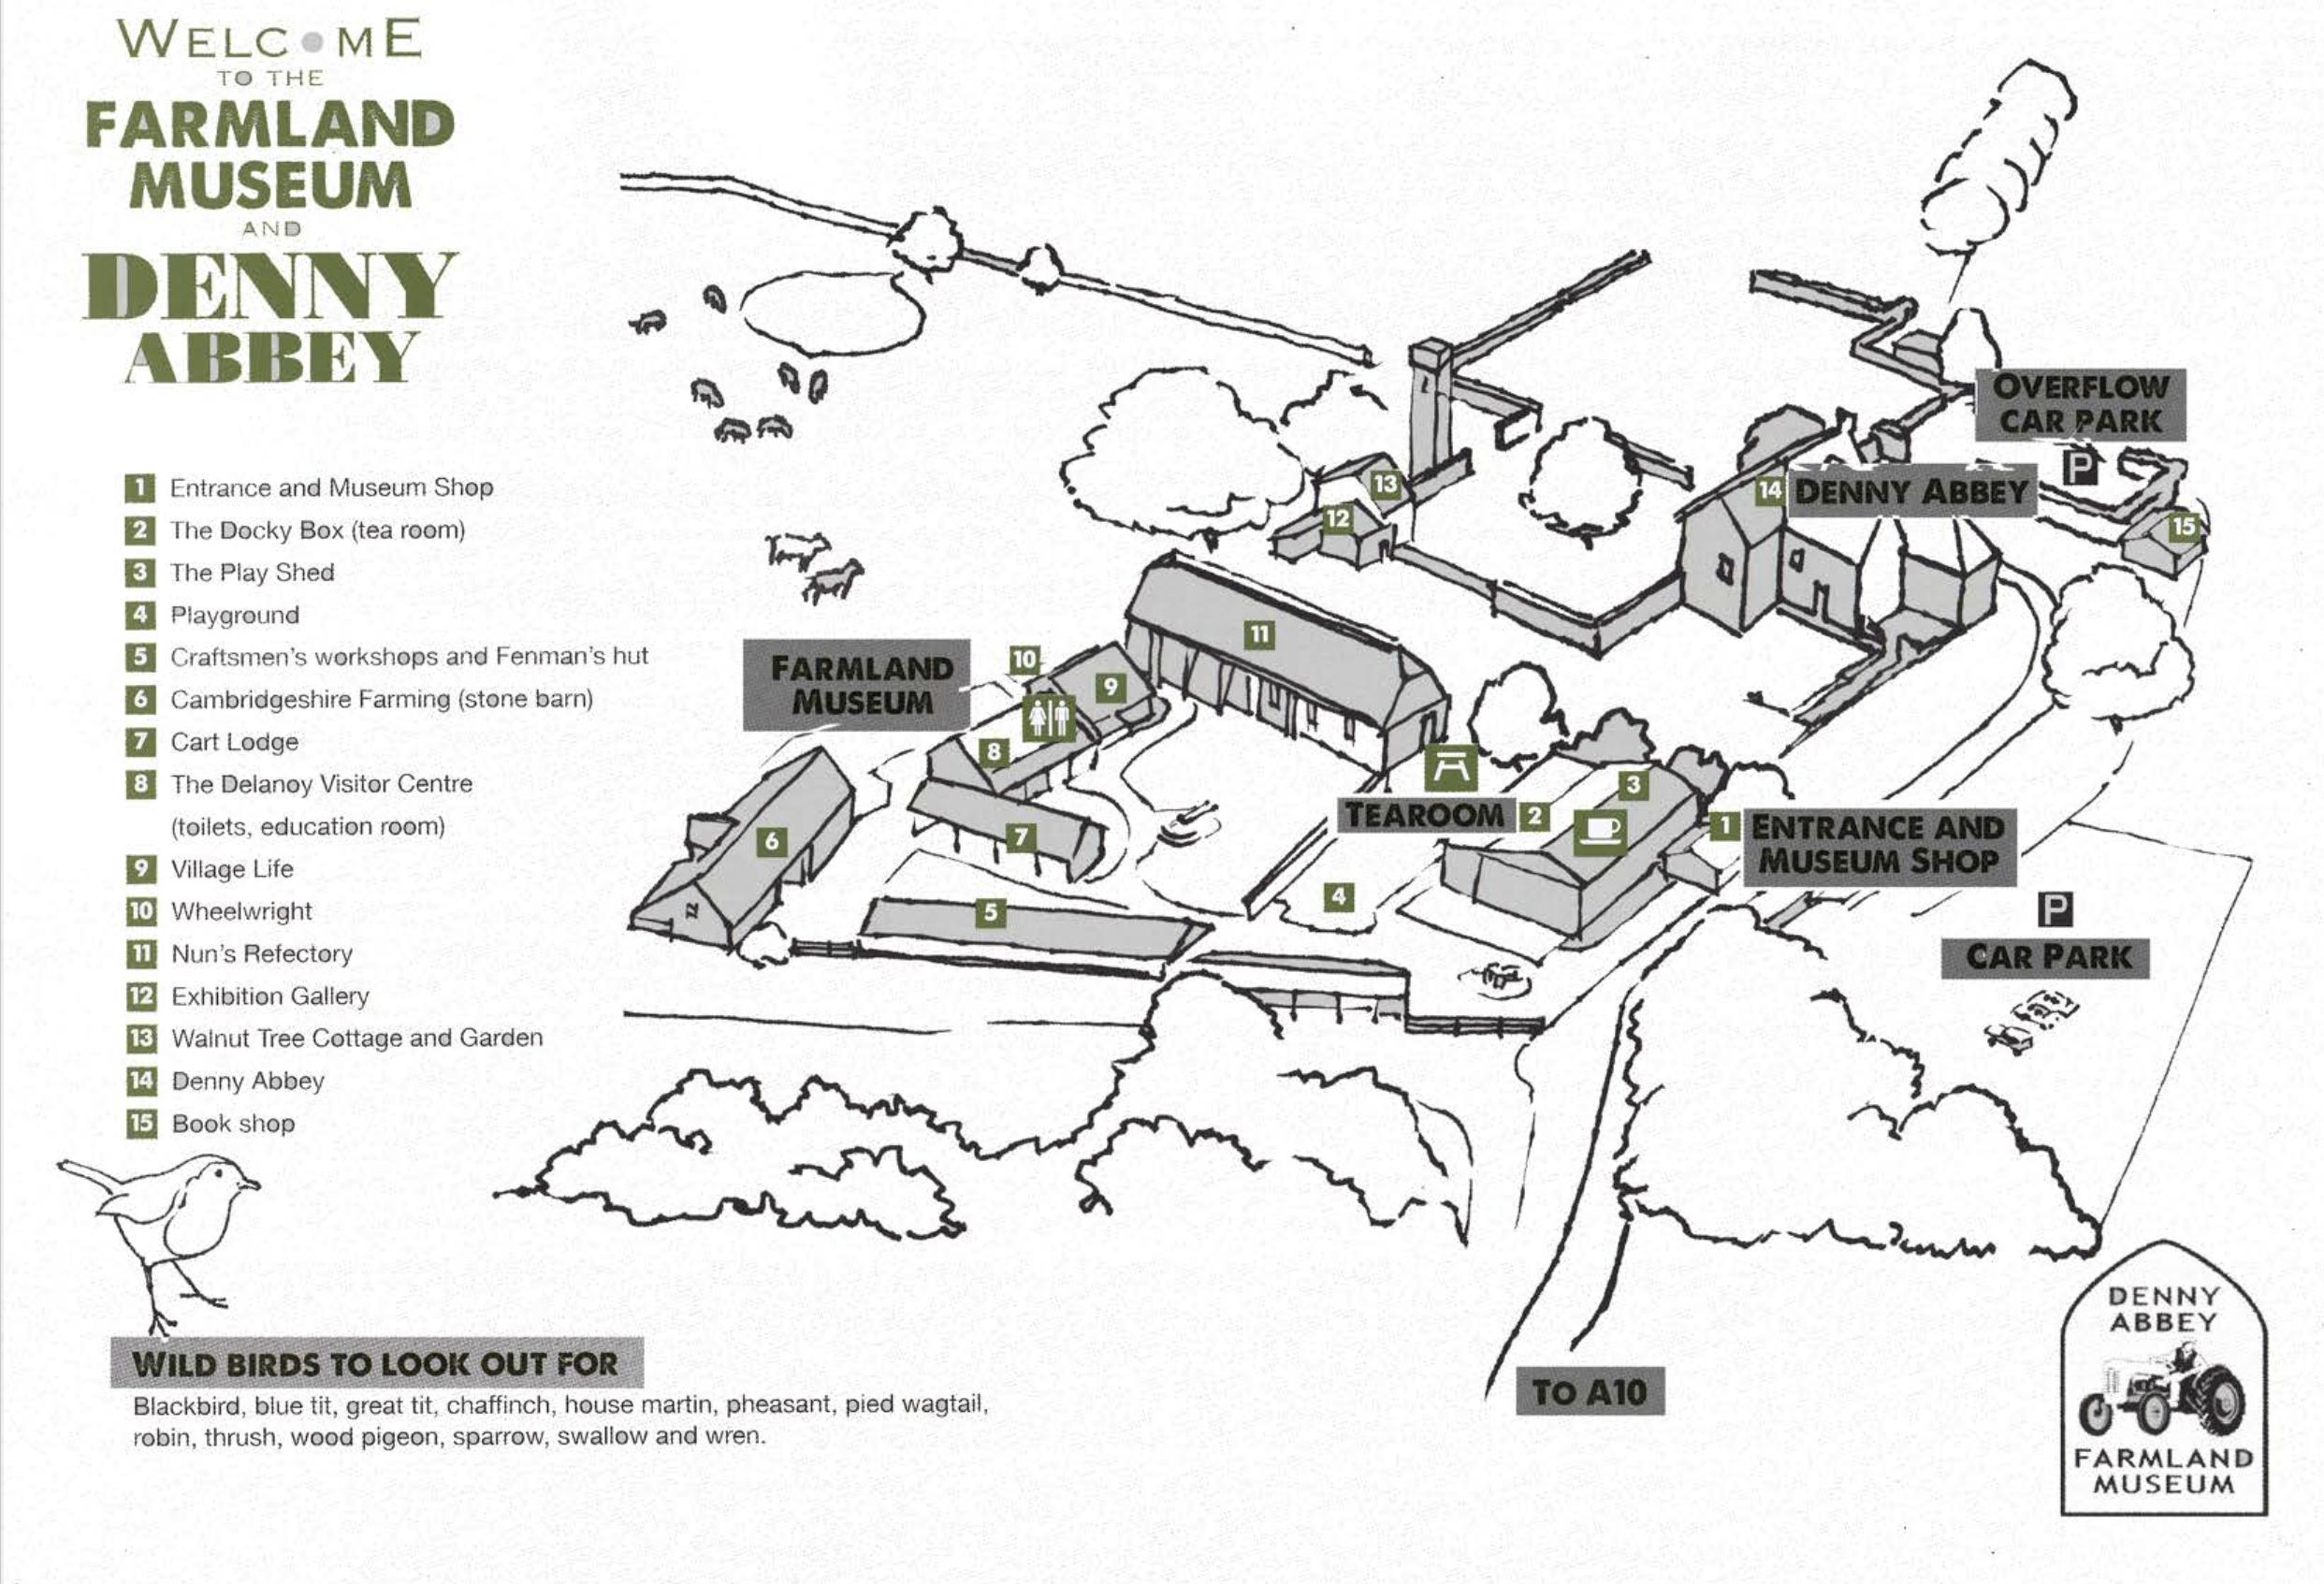 Farmland Museum & Denny Abbey Map